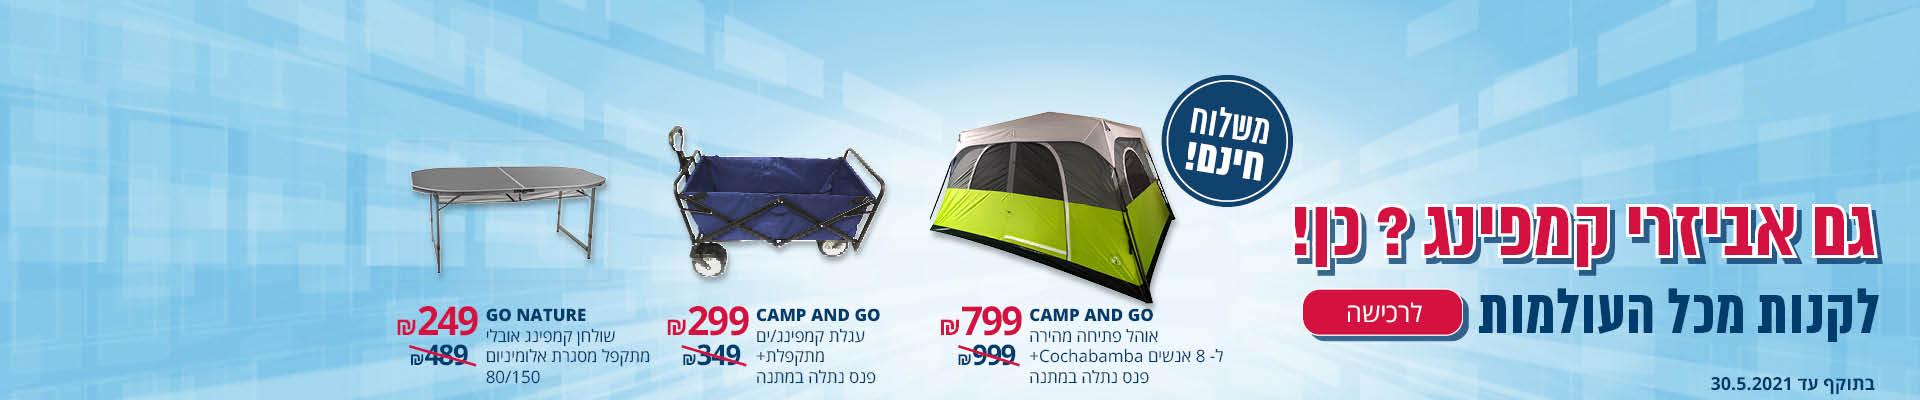 גם אביזרי קמפינג? כן! CAMP AND GO אוהל פתיחה מהירה ל-8 +פנס נתלה 799₪ CAMP AND GO עגלת קמפינג מתקפלת+ פנס נתלה 299 ₪ GO NATURE שולחן קמפינג אובלי מתקפל 150/80 249 ₪ משלוח חינם תוקף-30.5.2021